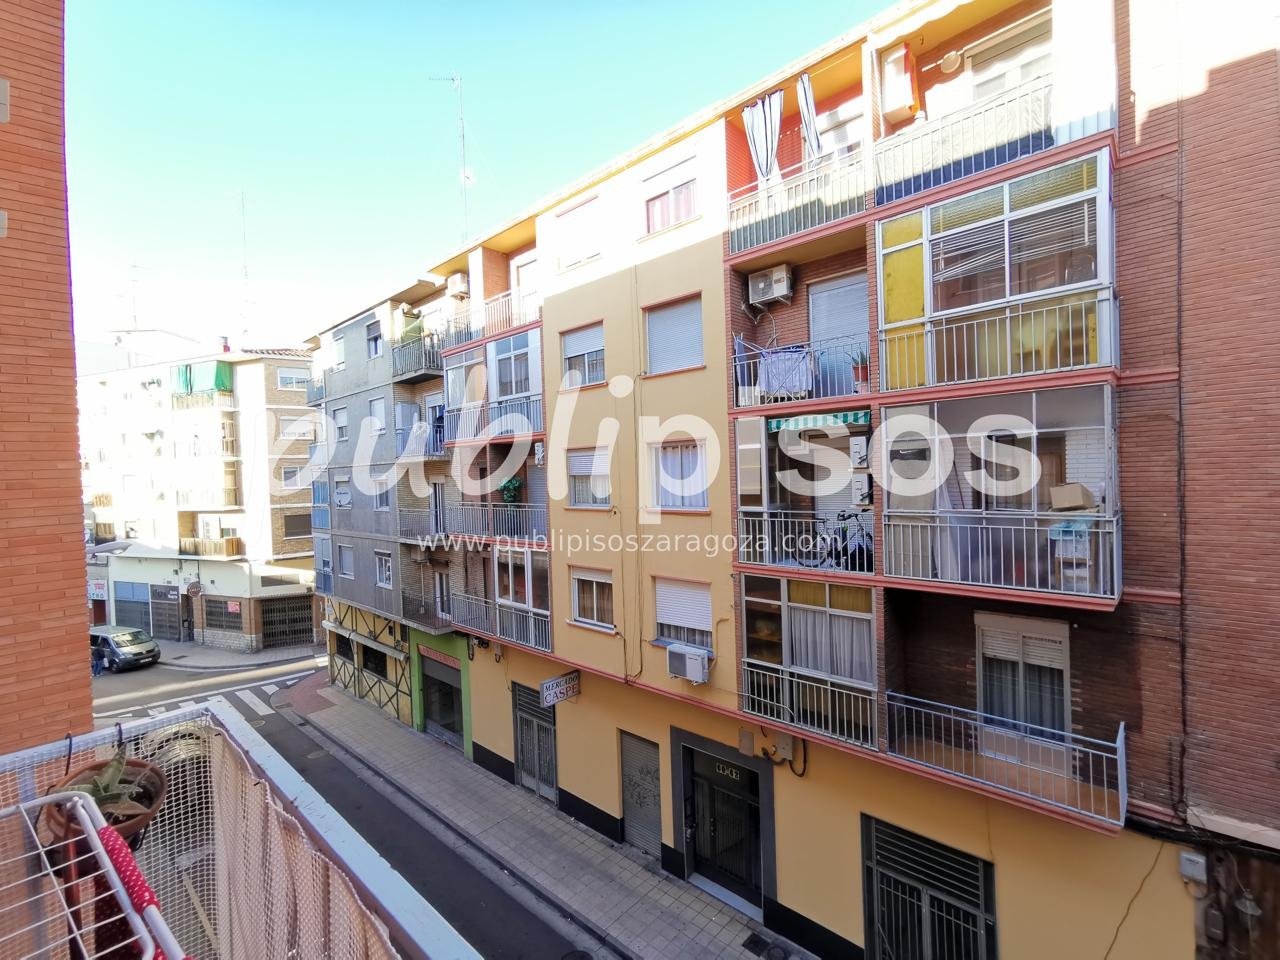 Piso venta calle Caspe Delicias Zaragoza-25